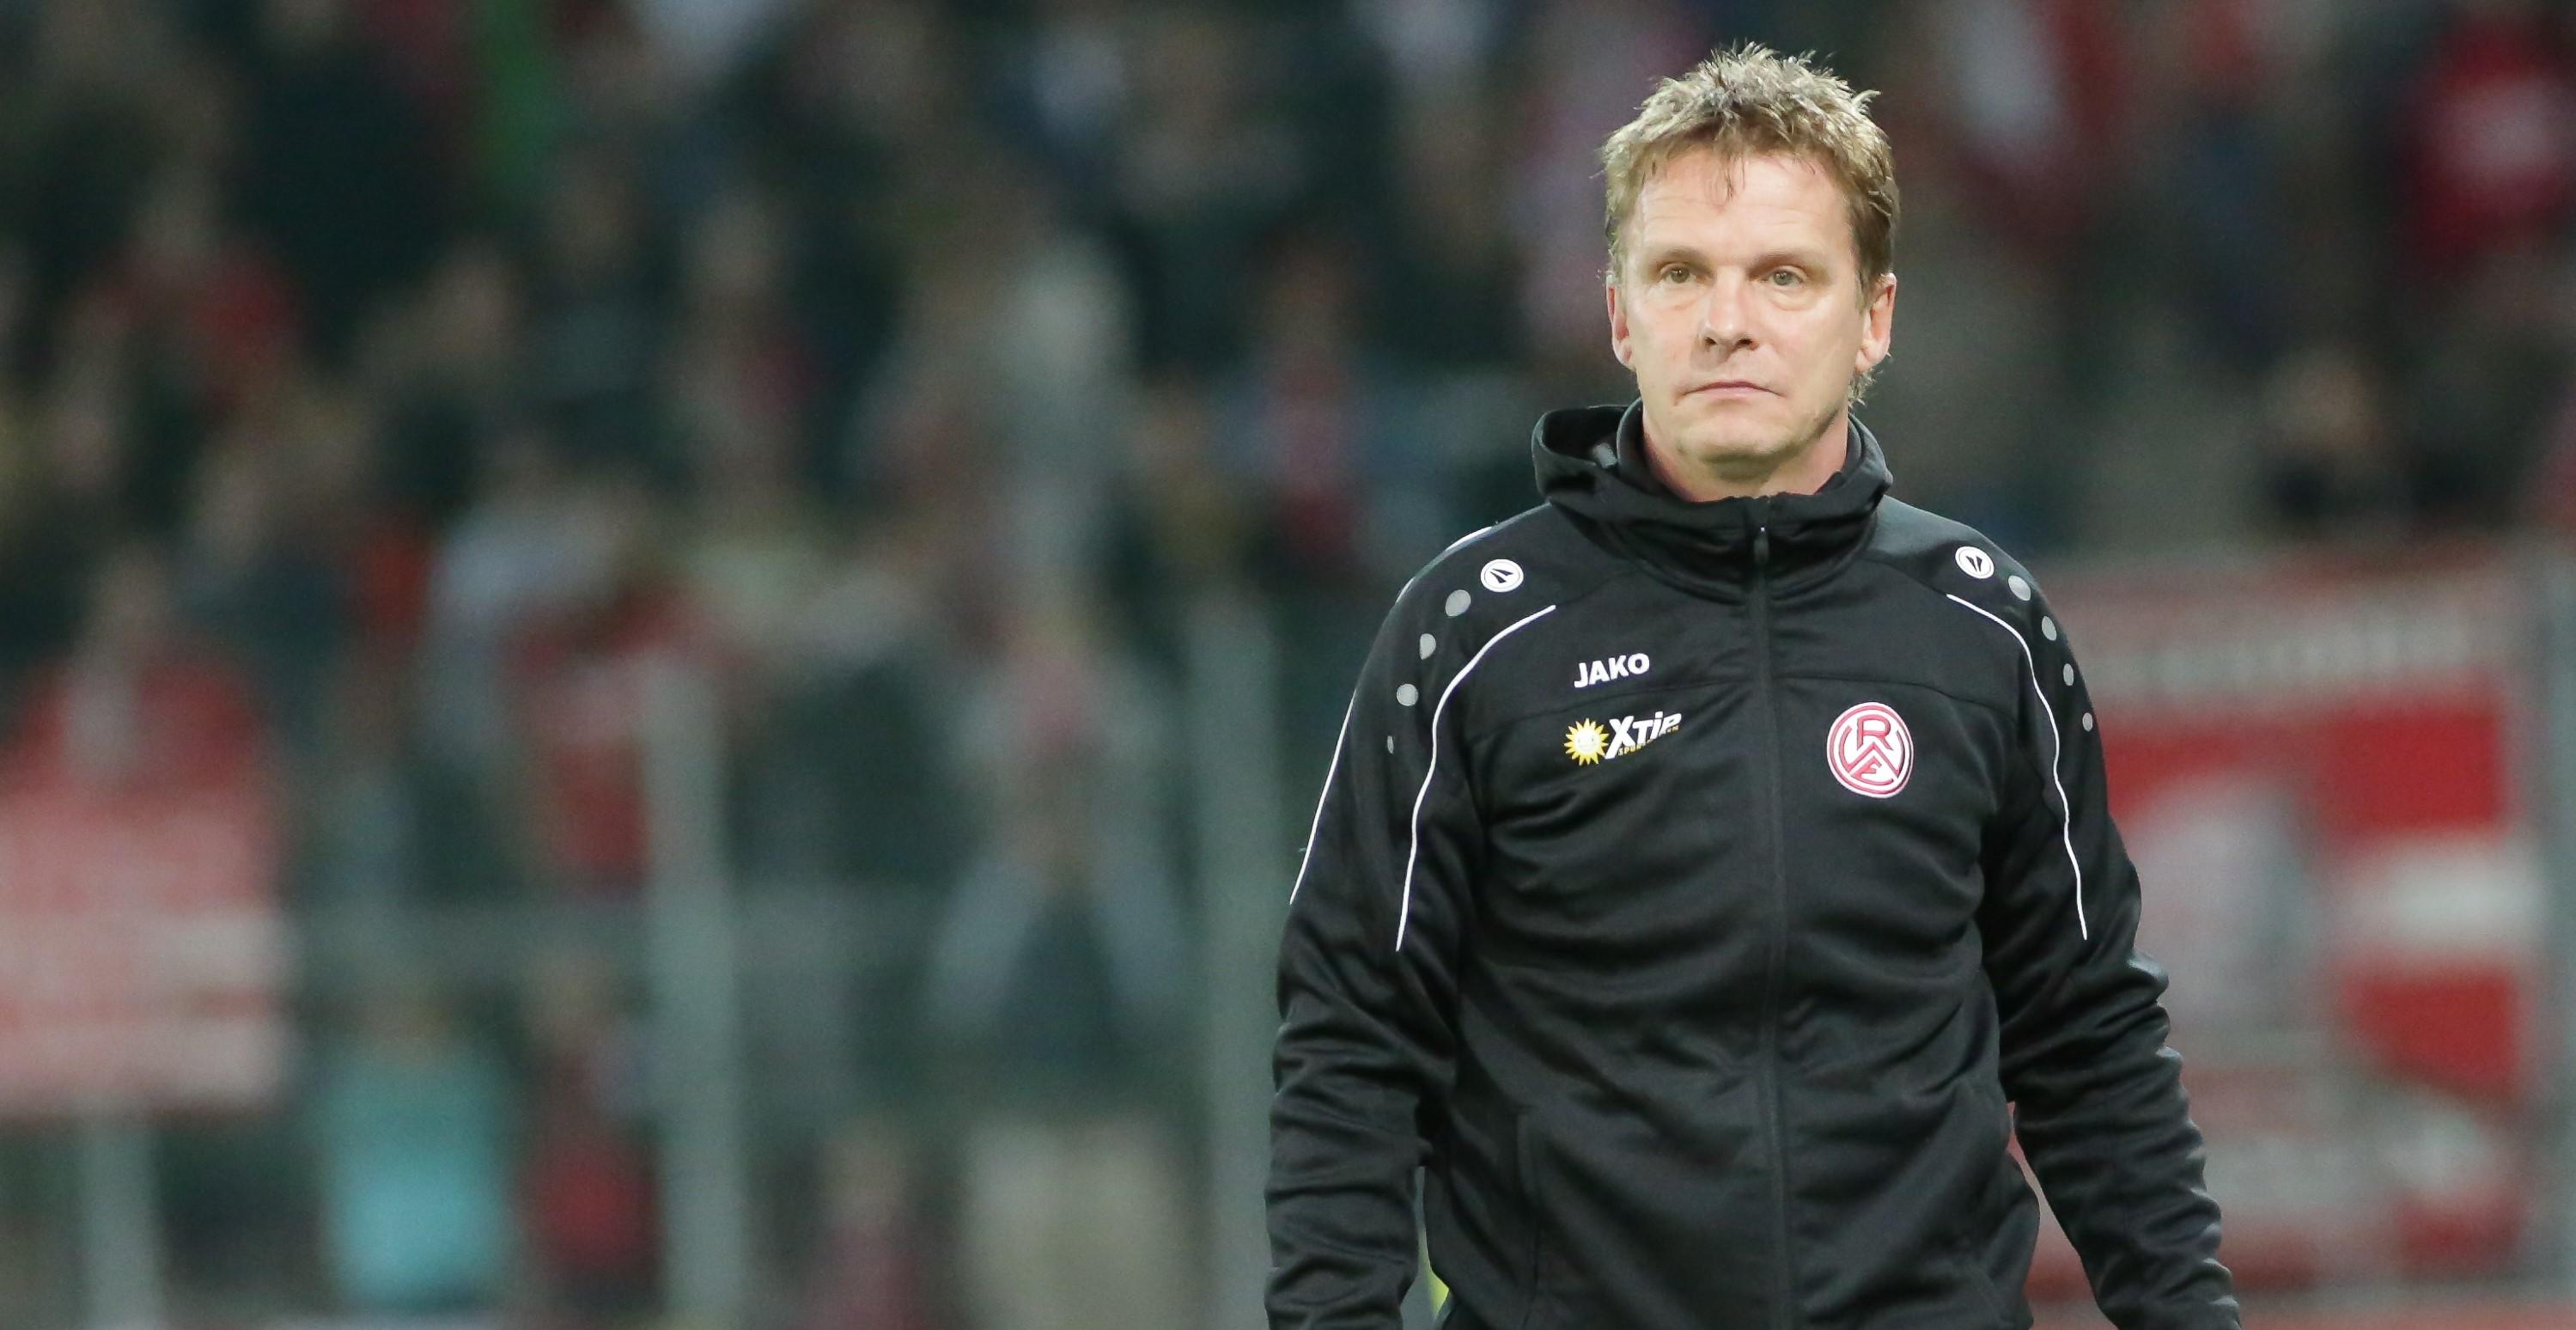 RWE steht nach einem 2:0-Erfolg gegen den FSV Vohwinkel in der nächsten Runde des Niederrheinpokals. (Foto: Endberg)